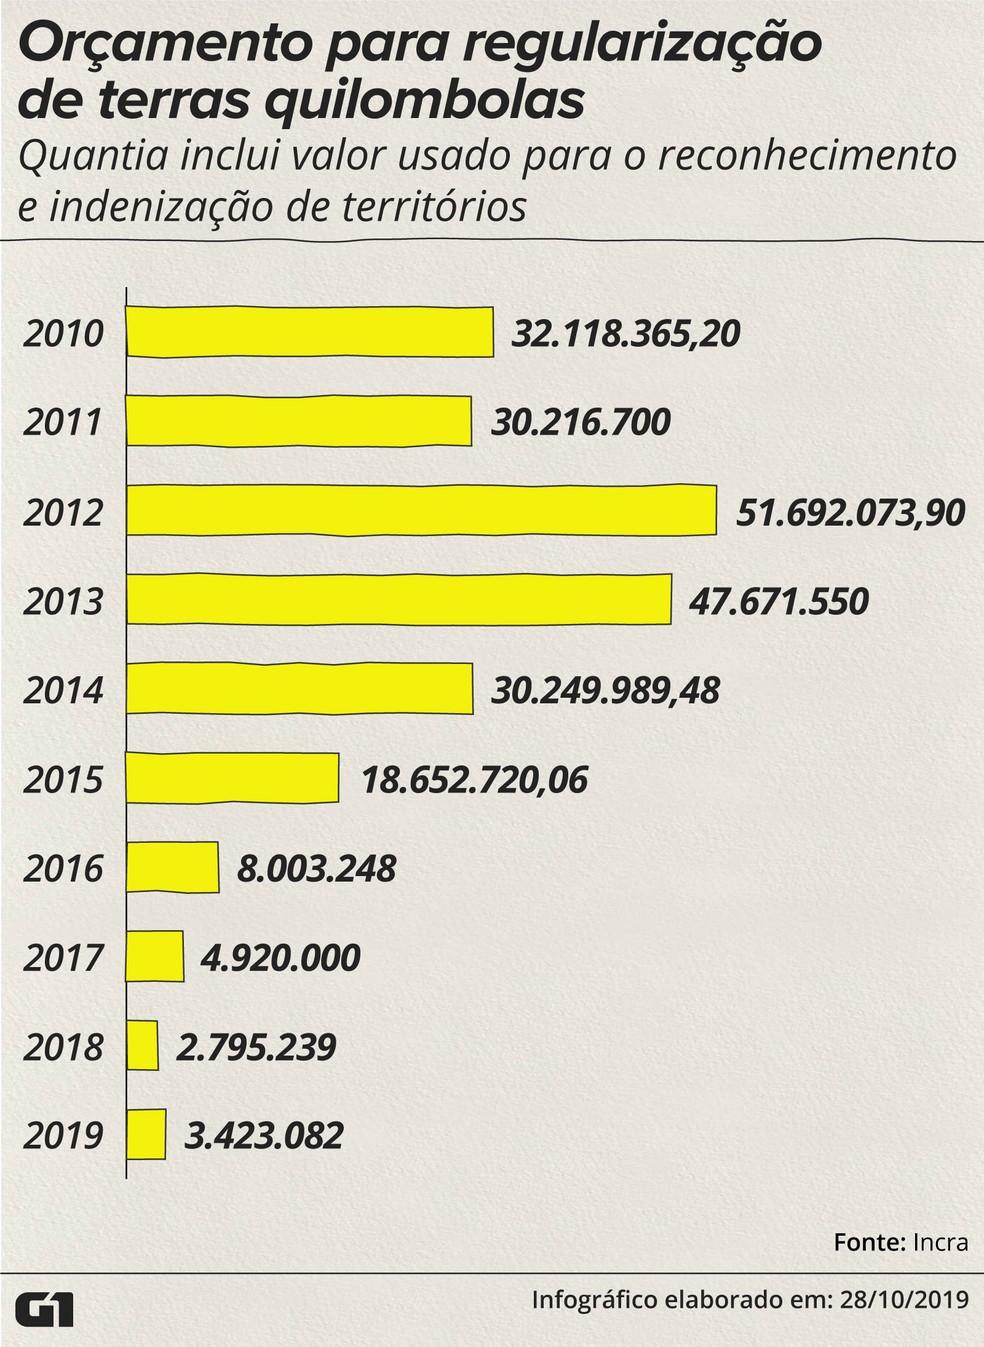 Orçamento para regularização de terras quilombolas dos últimos 10 anos — Foto: Rodrigo Sanches/G1